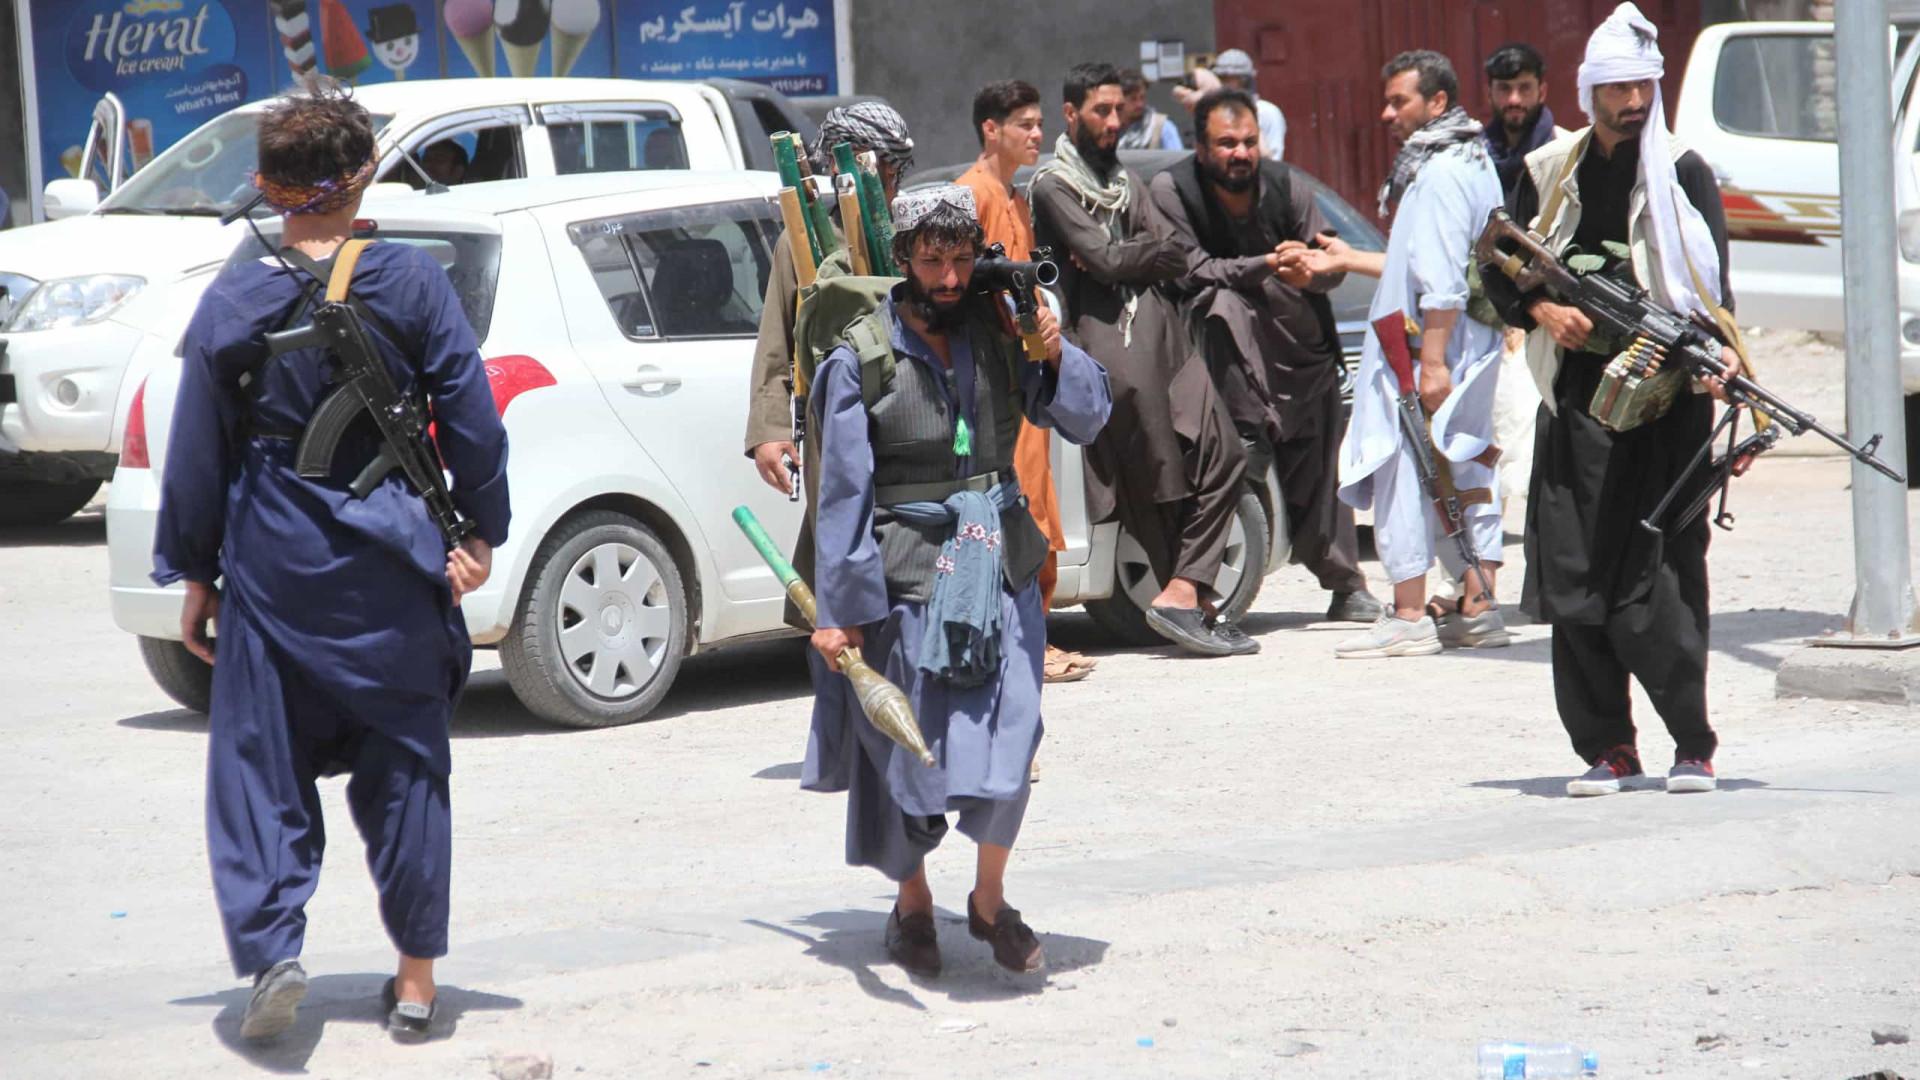 Afeganistão: UE apela a cessar-fogo e condena violência talibã